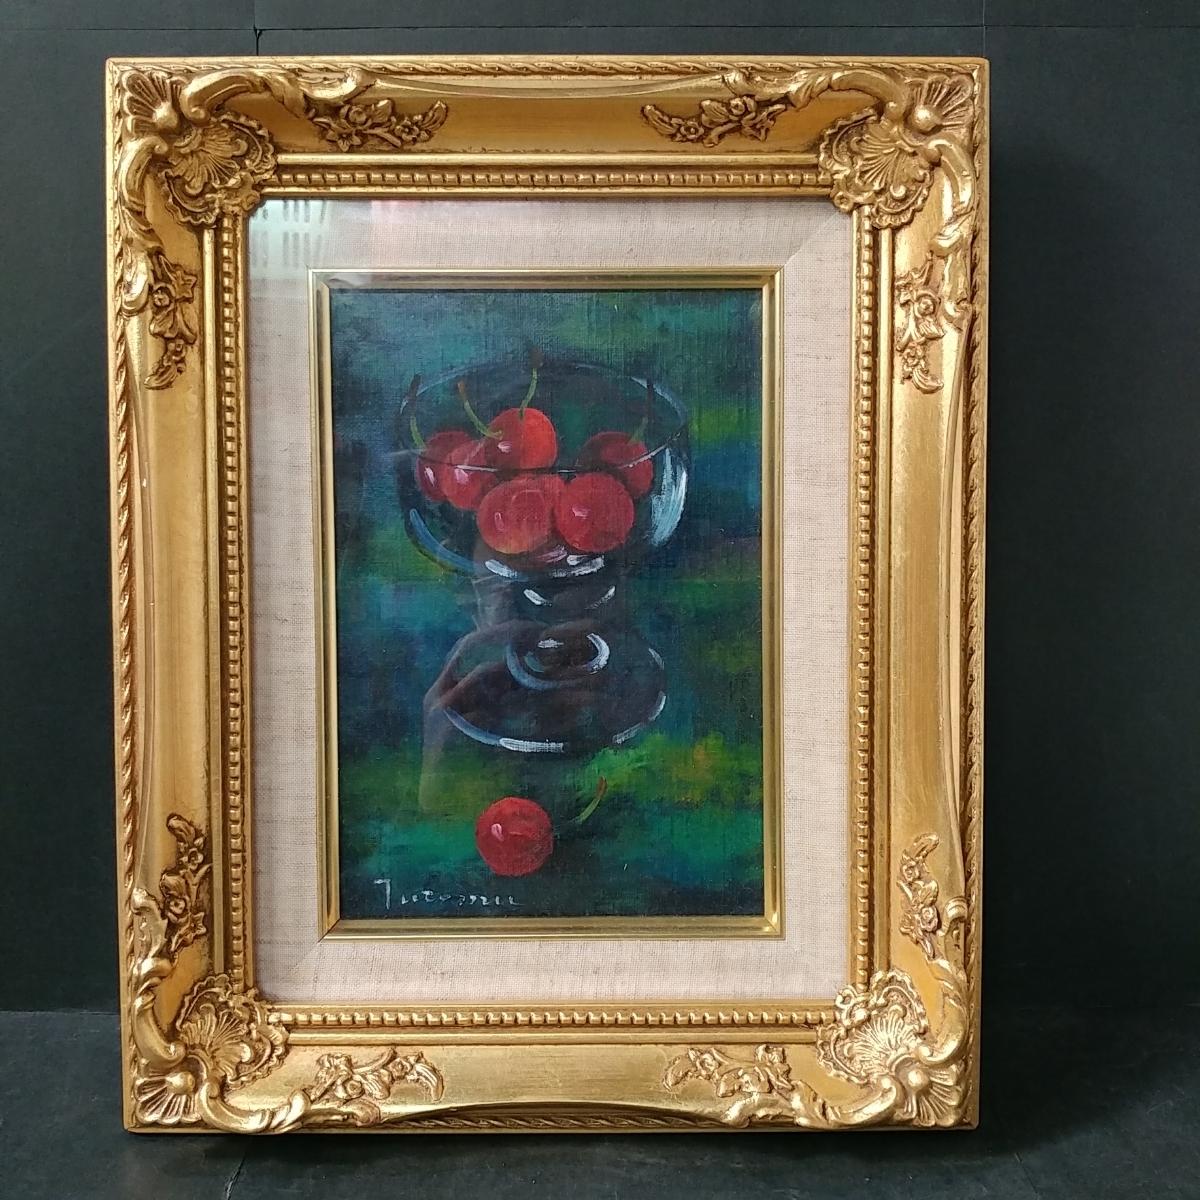 作者不明 グラスとさくらんぼ サイン在 額装 油絵 油彩 絵画 静物画 インテリア 美術